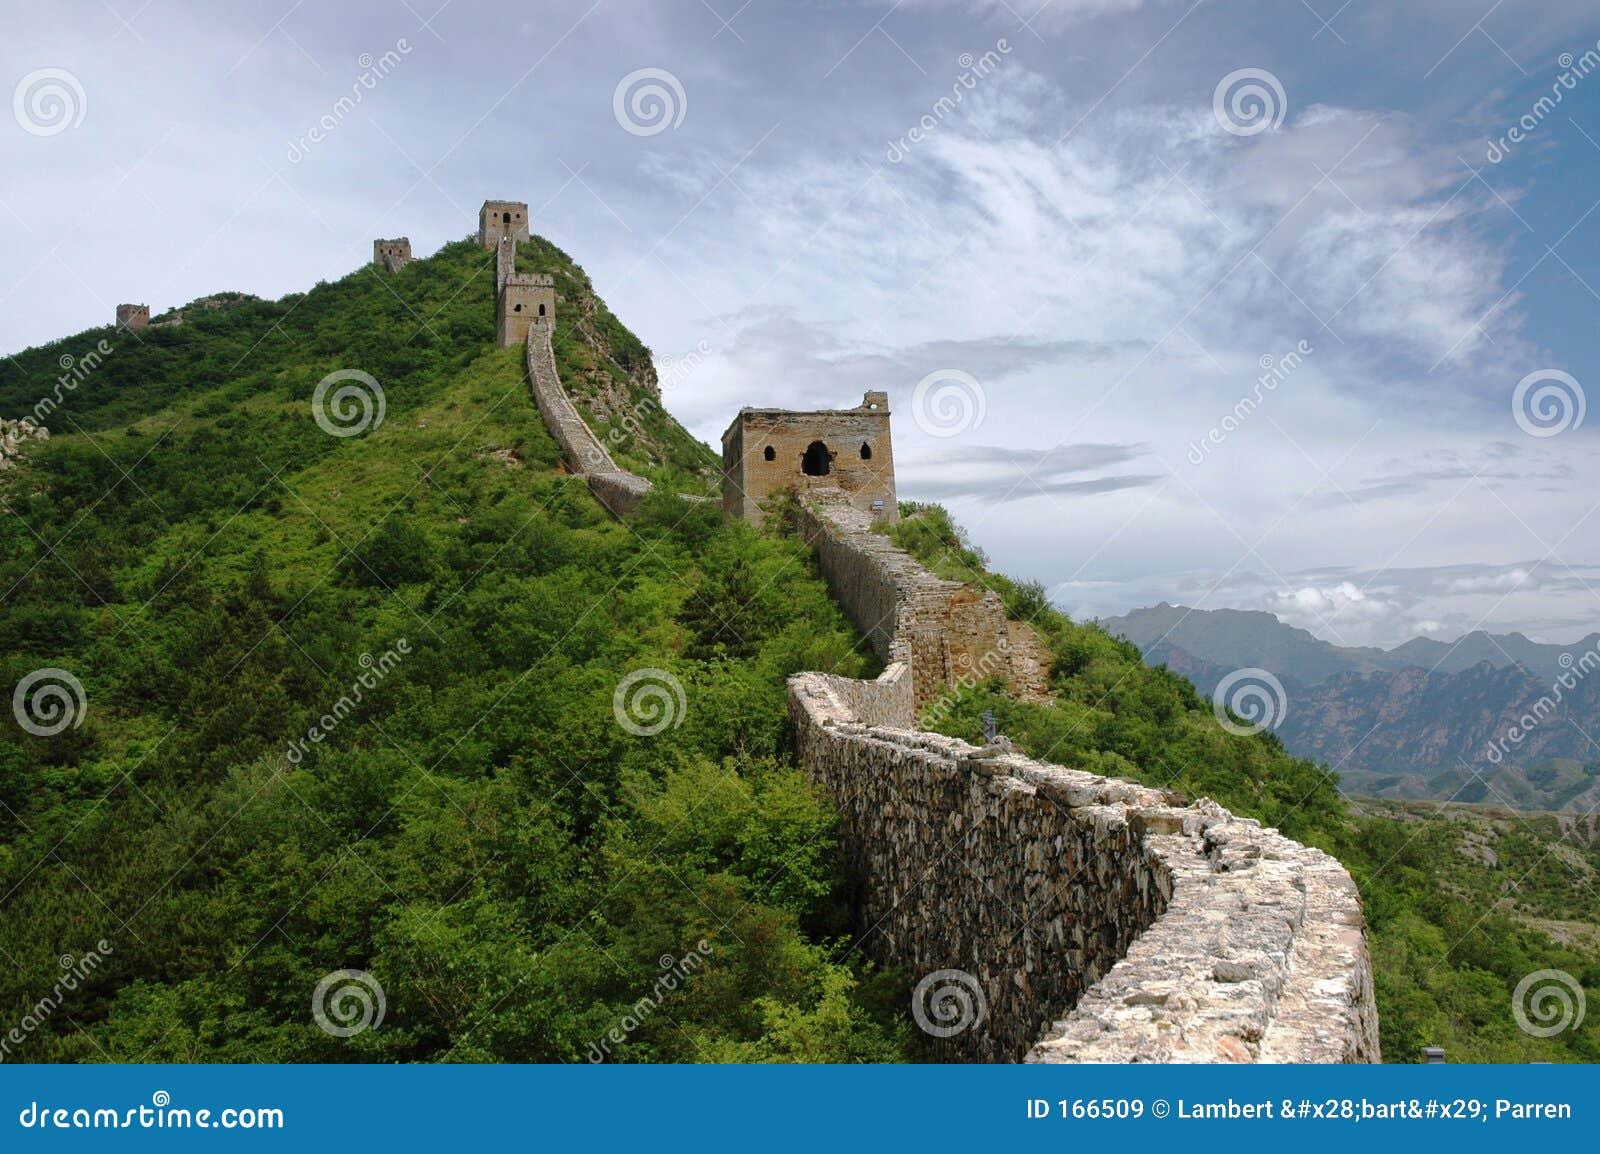 Chiny wielki mur.